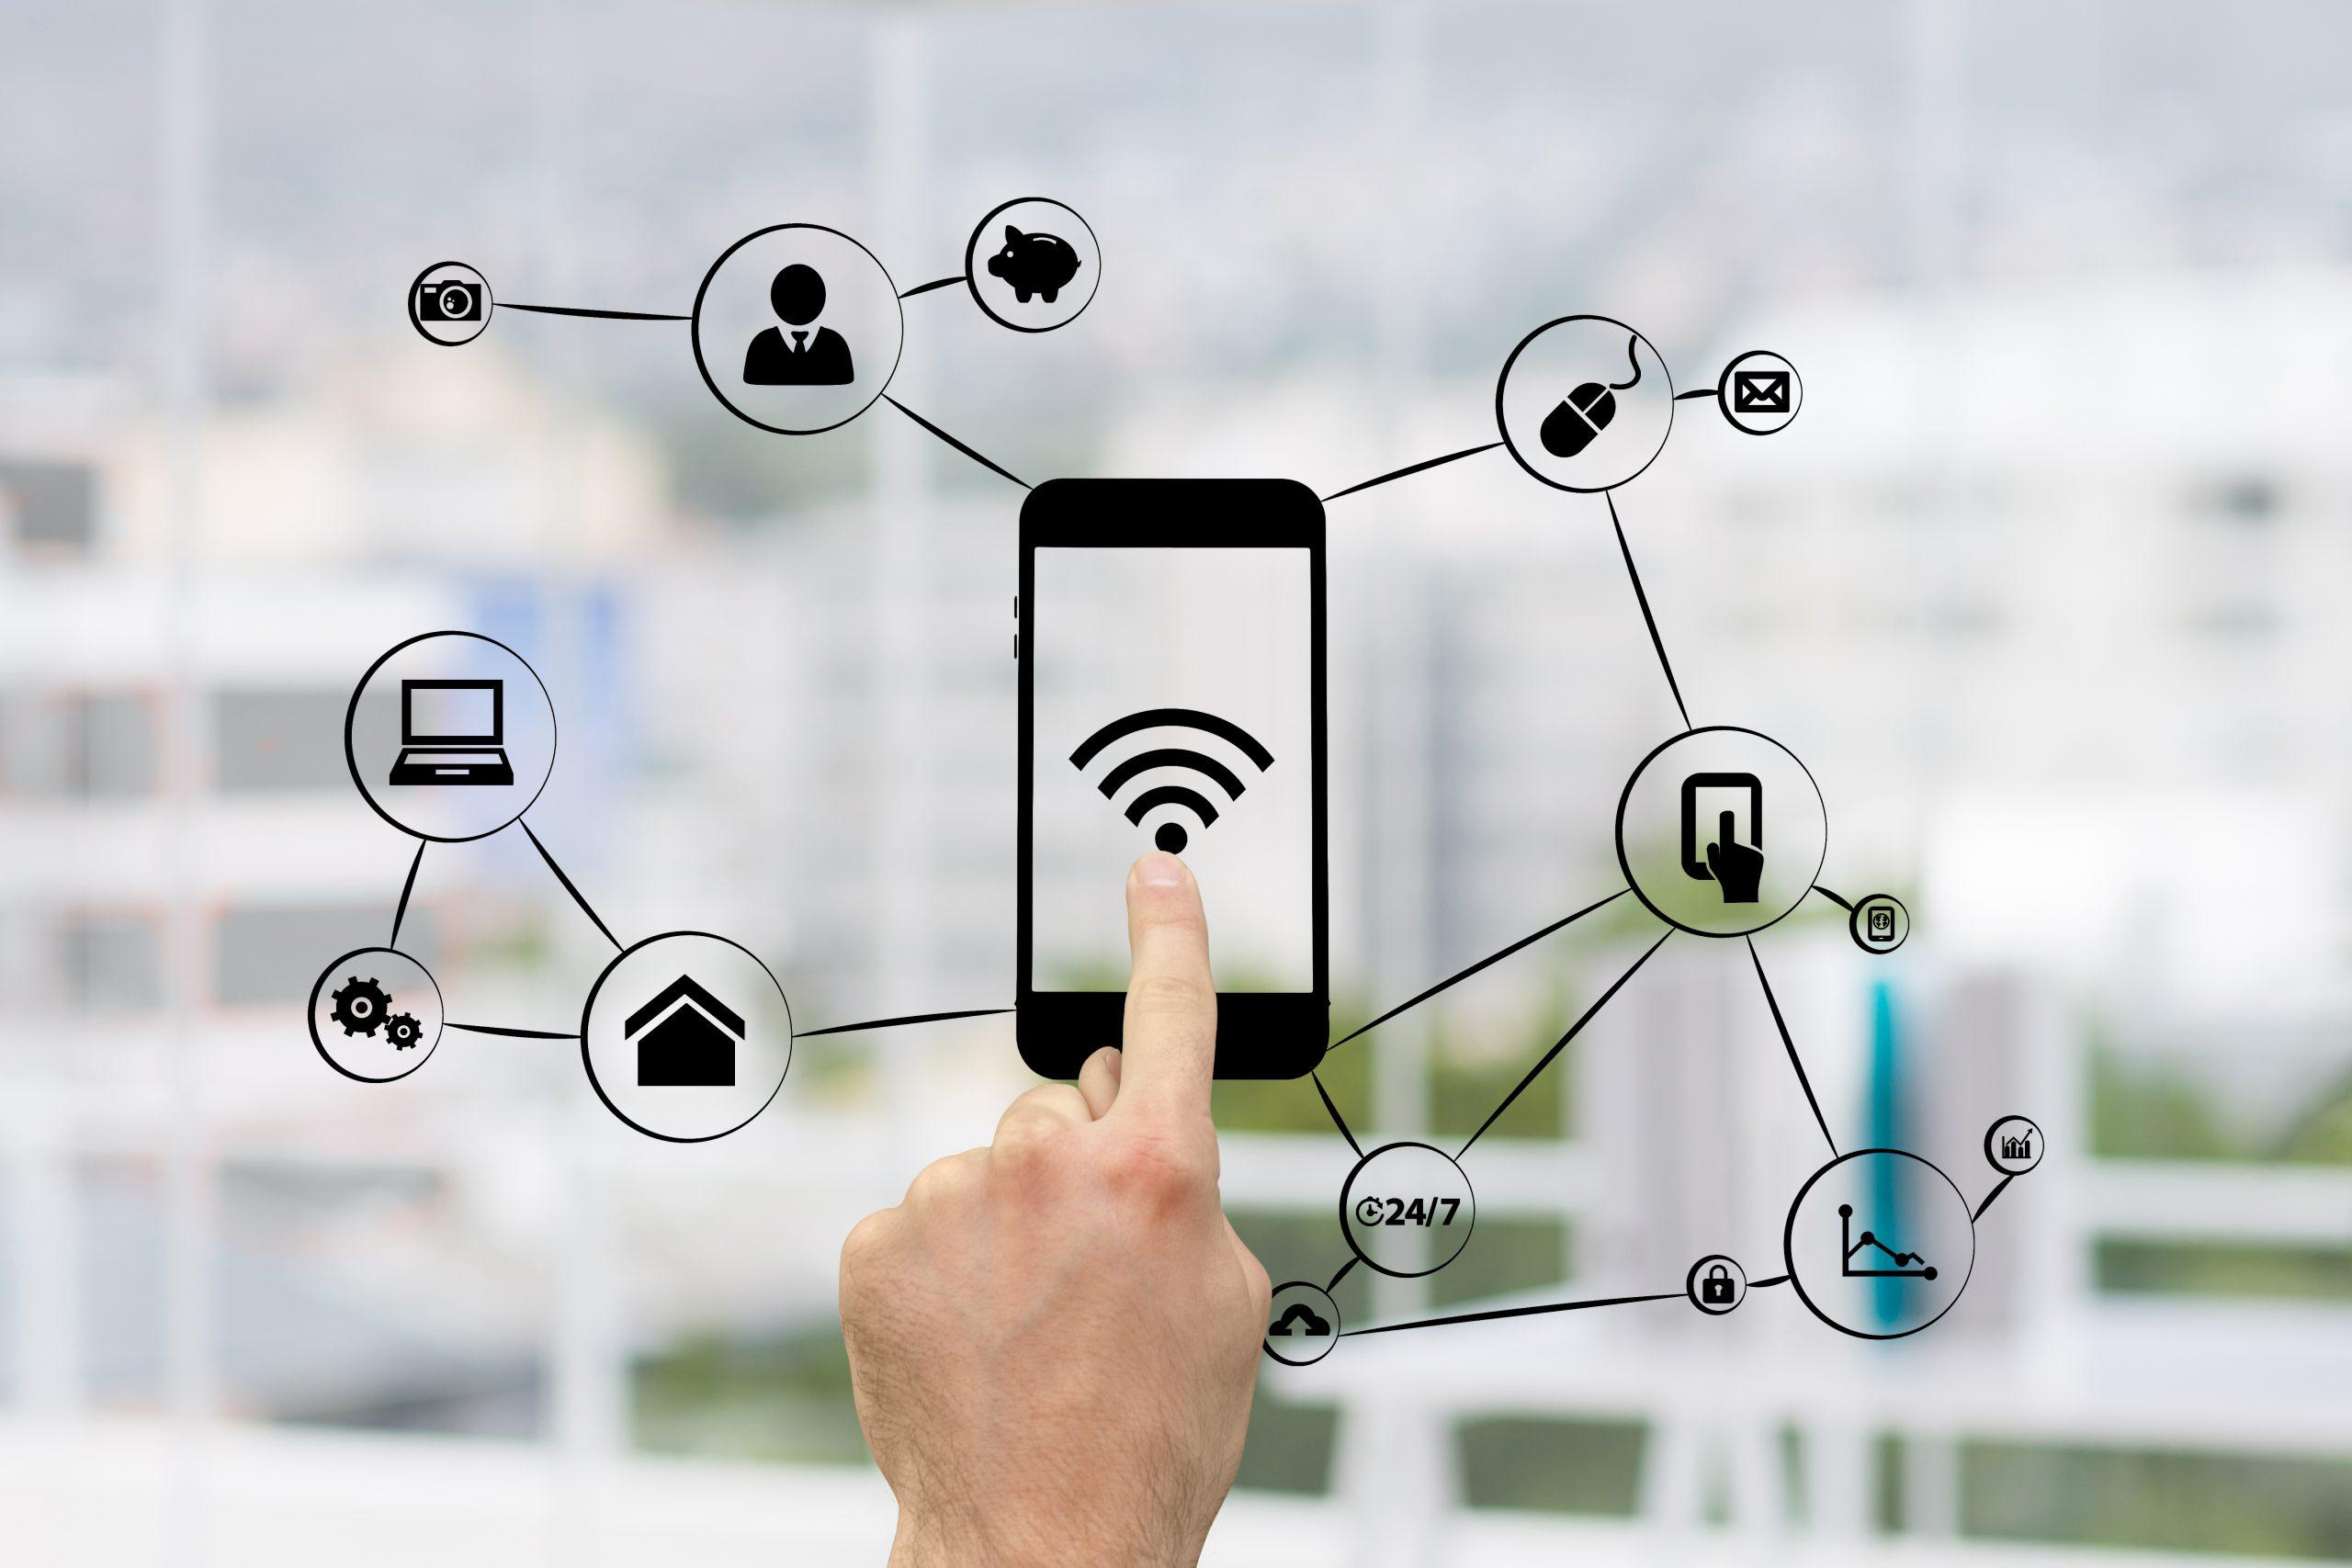 Nuevas vulnerabilidades descubiertas en el estándar Wi-Fi comprometen dispositivos desde 1997 hasta la actualidad